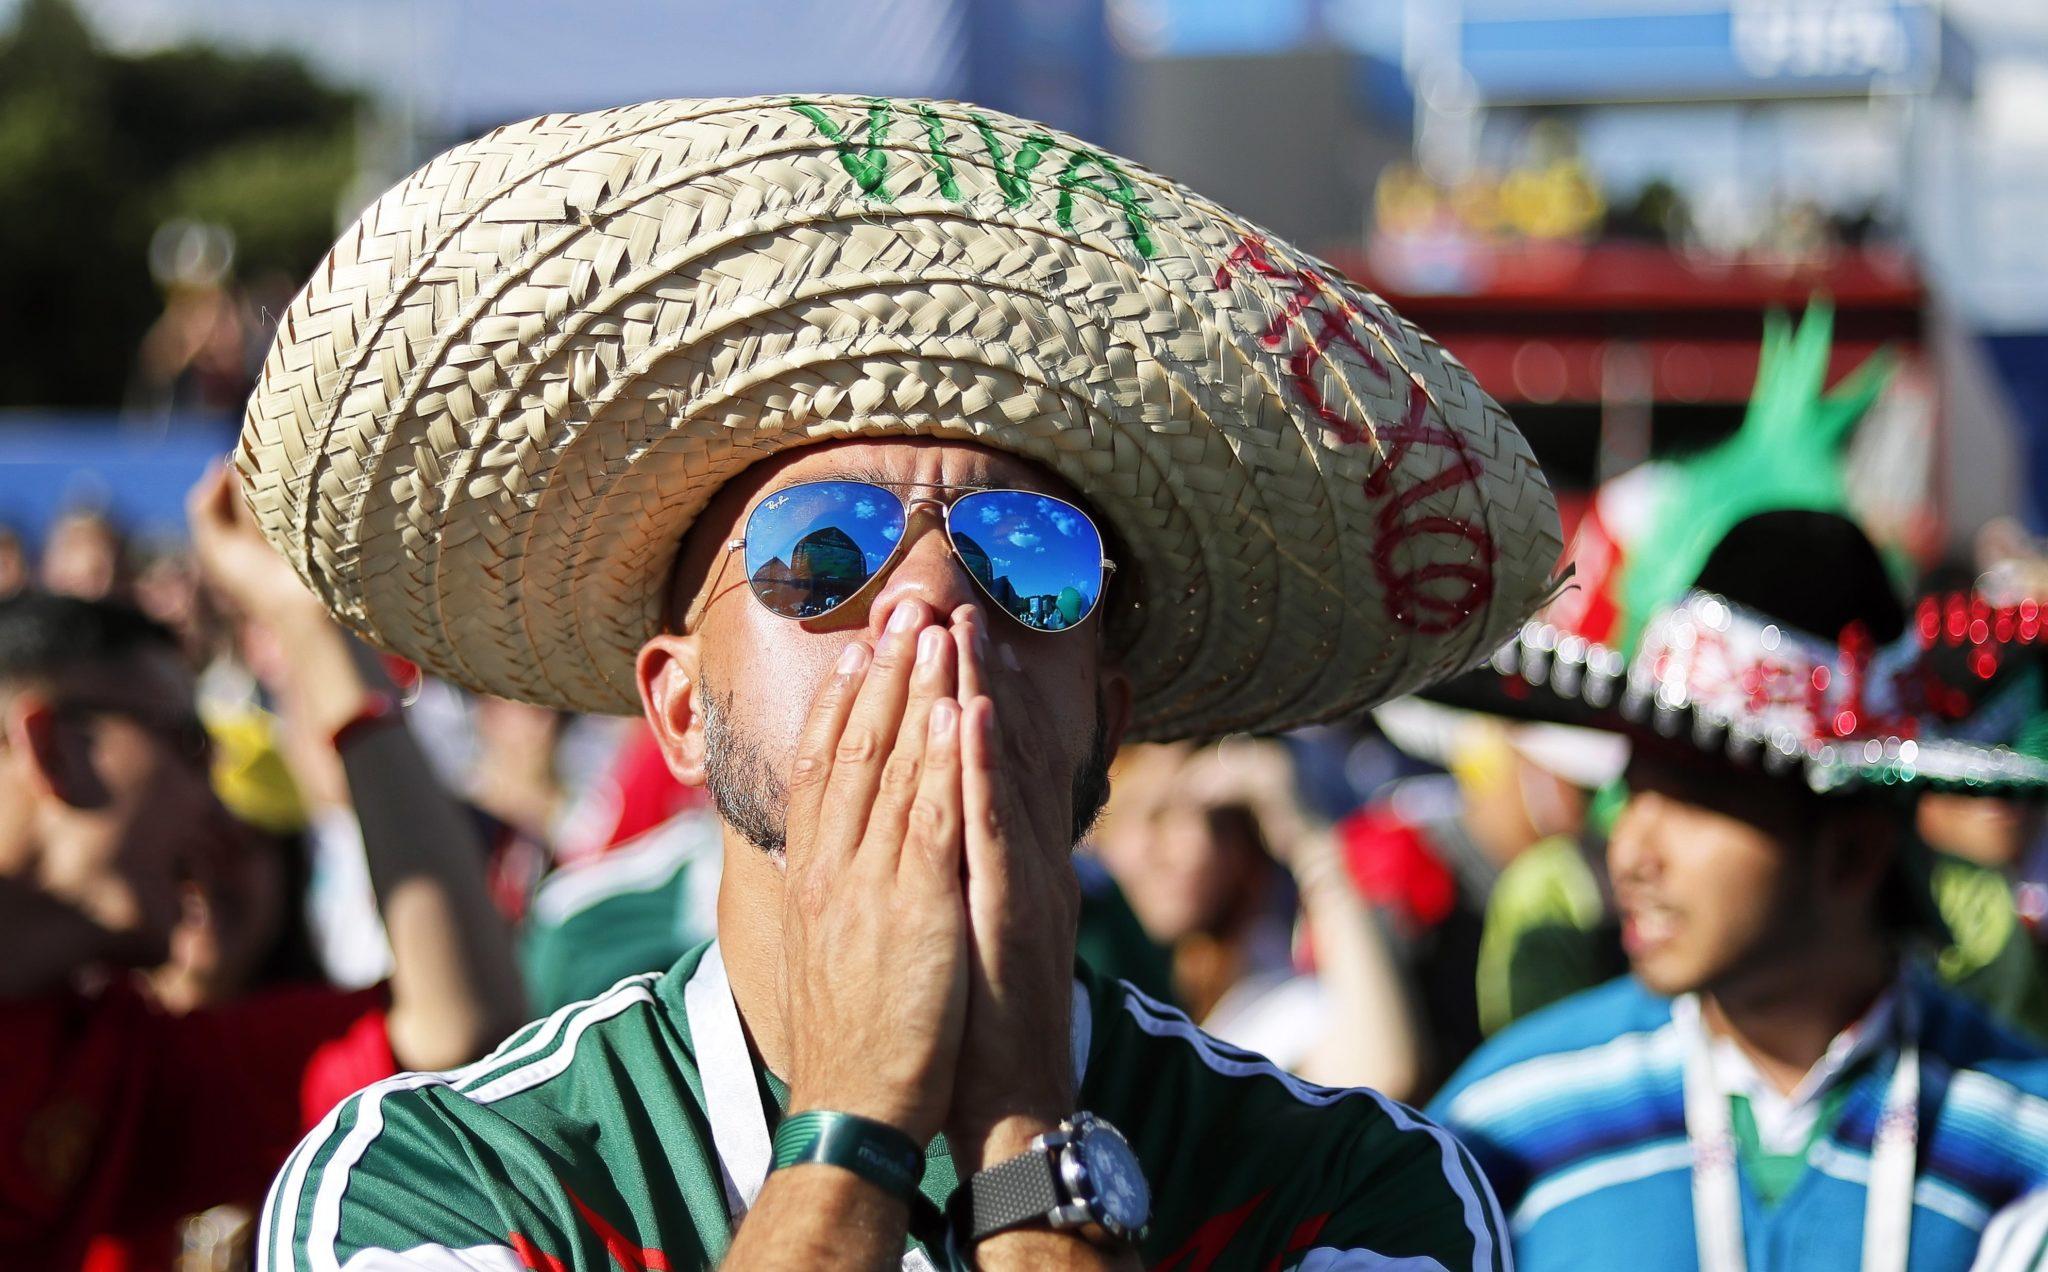 Zdjęcie: reakcja Meksykanów na przegraną z Brazylią, Plac Konstytucji w Mexico City, fot: Mario Guzman, PAP/EPA